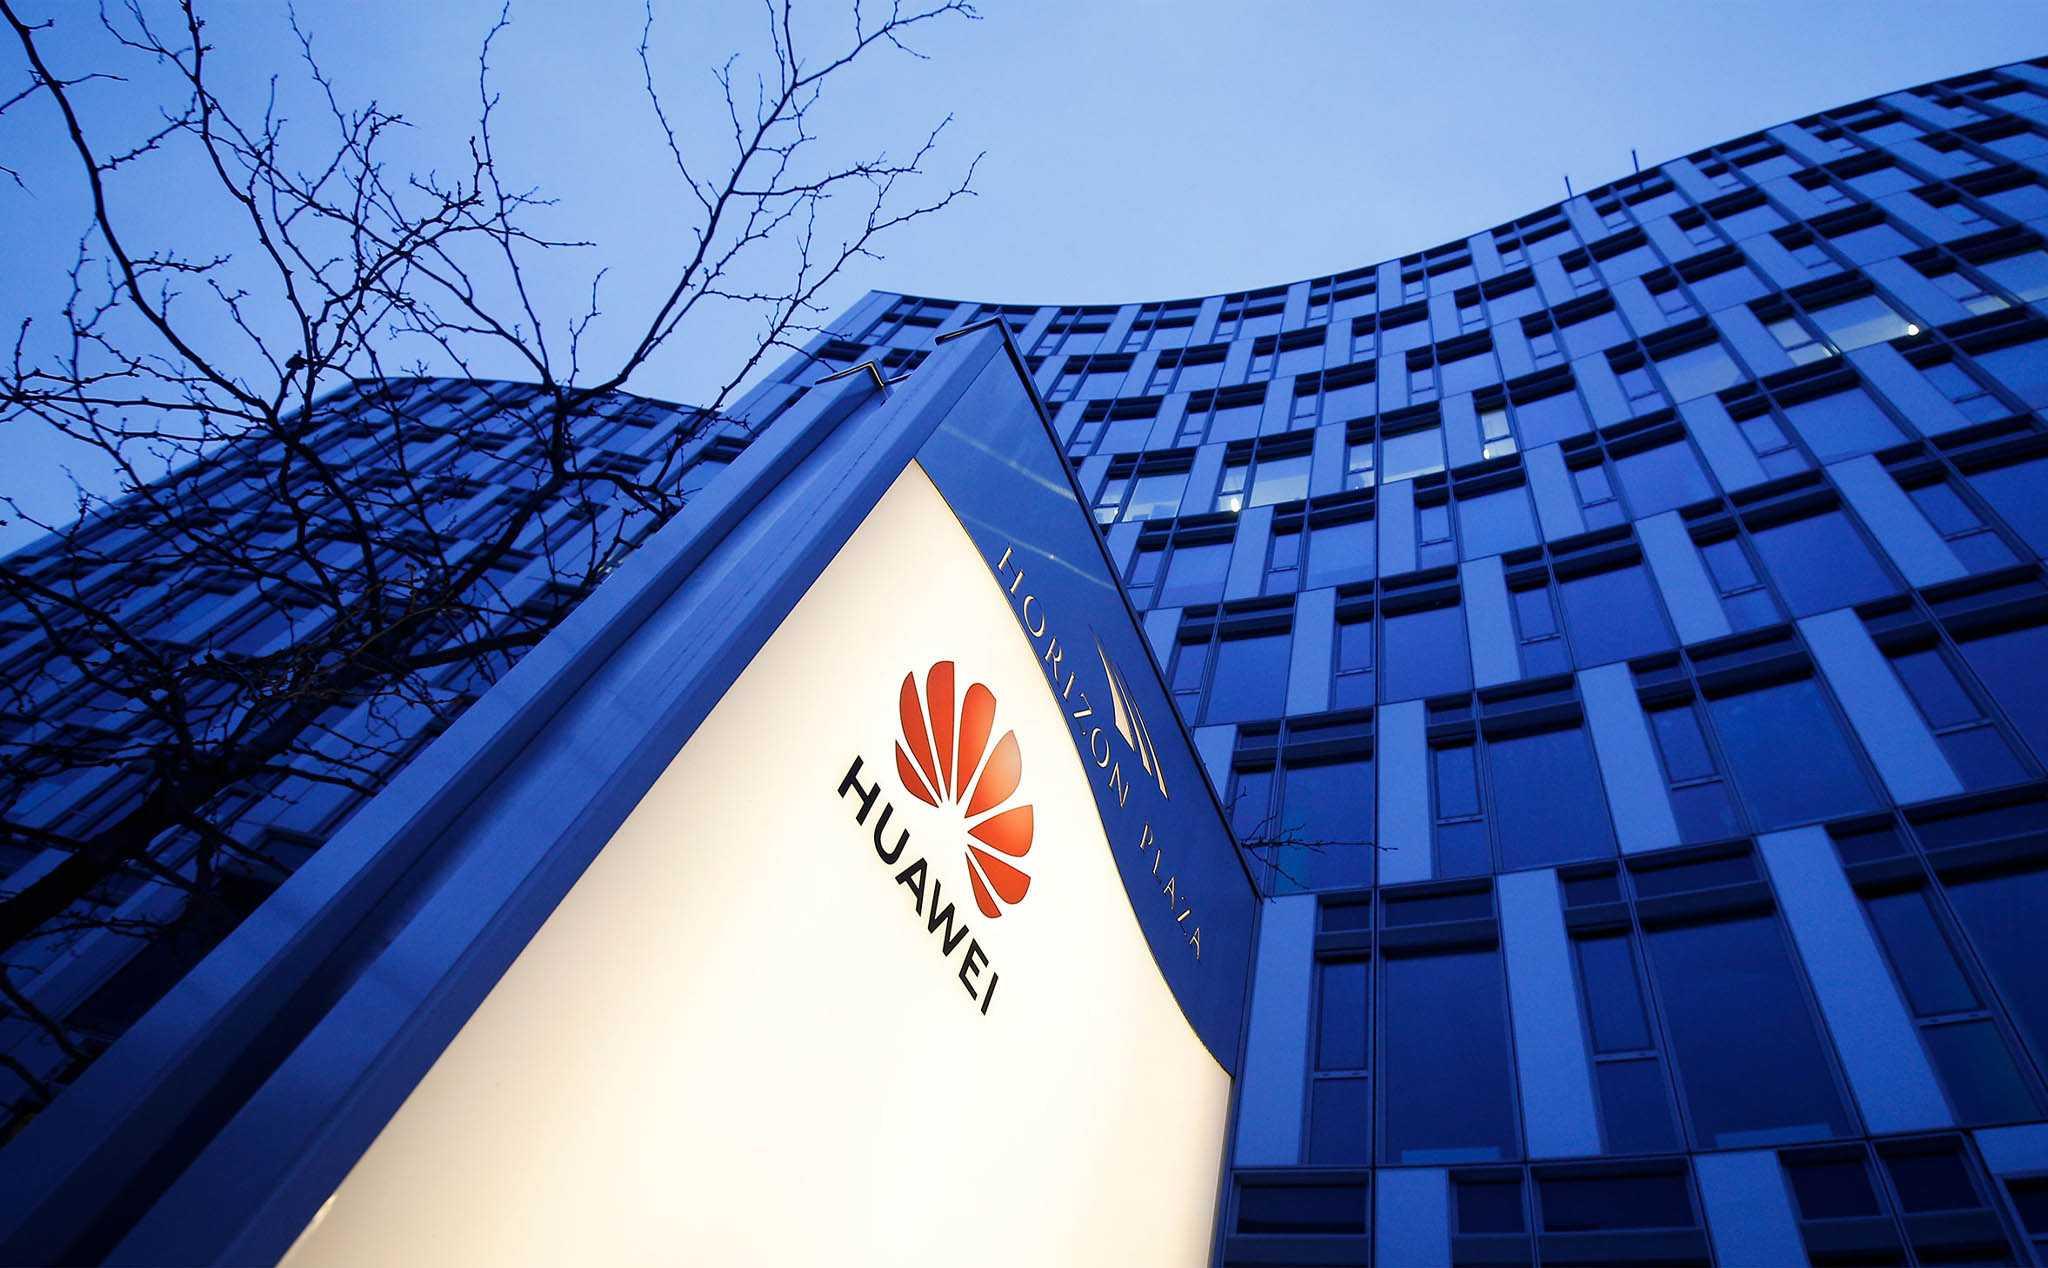 По официальным данным компания Huawei в первом квартире 2021 года не только сохранила позиции лидера по продажам смартфонов России но и увеличила прибыль Рассматривая